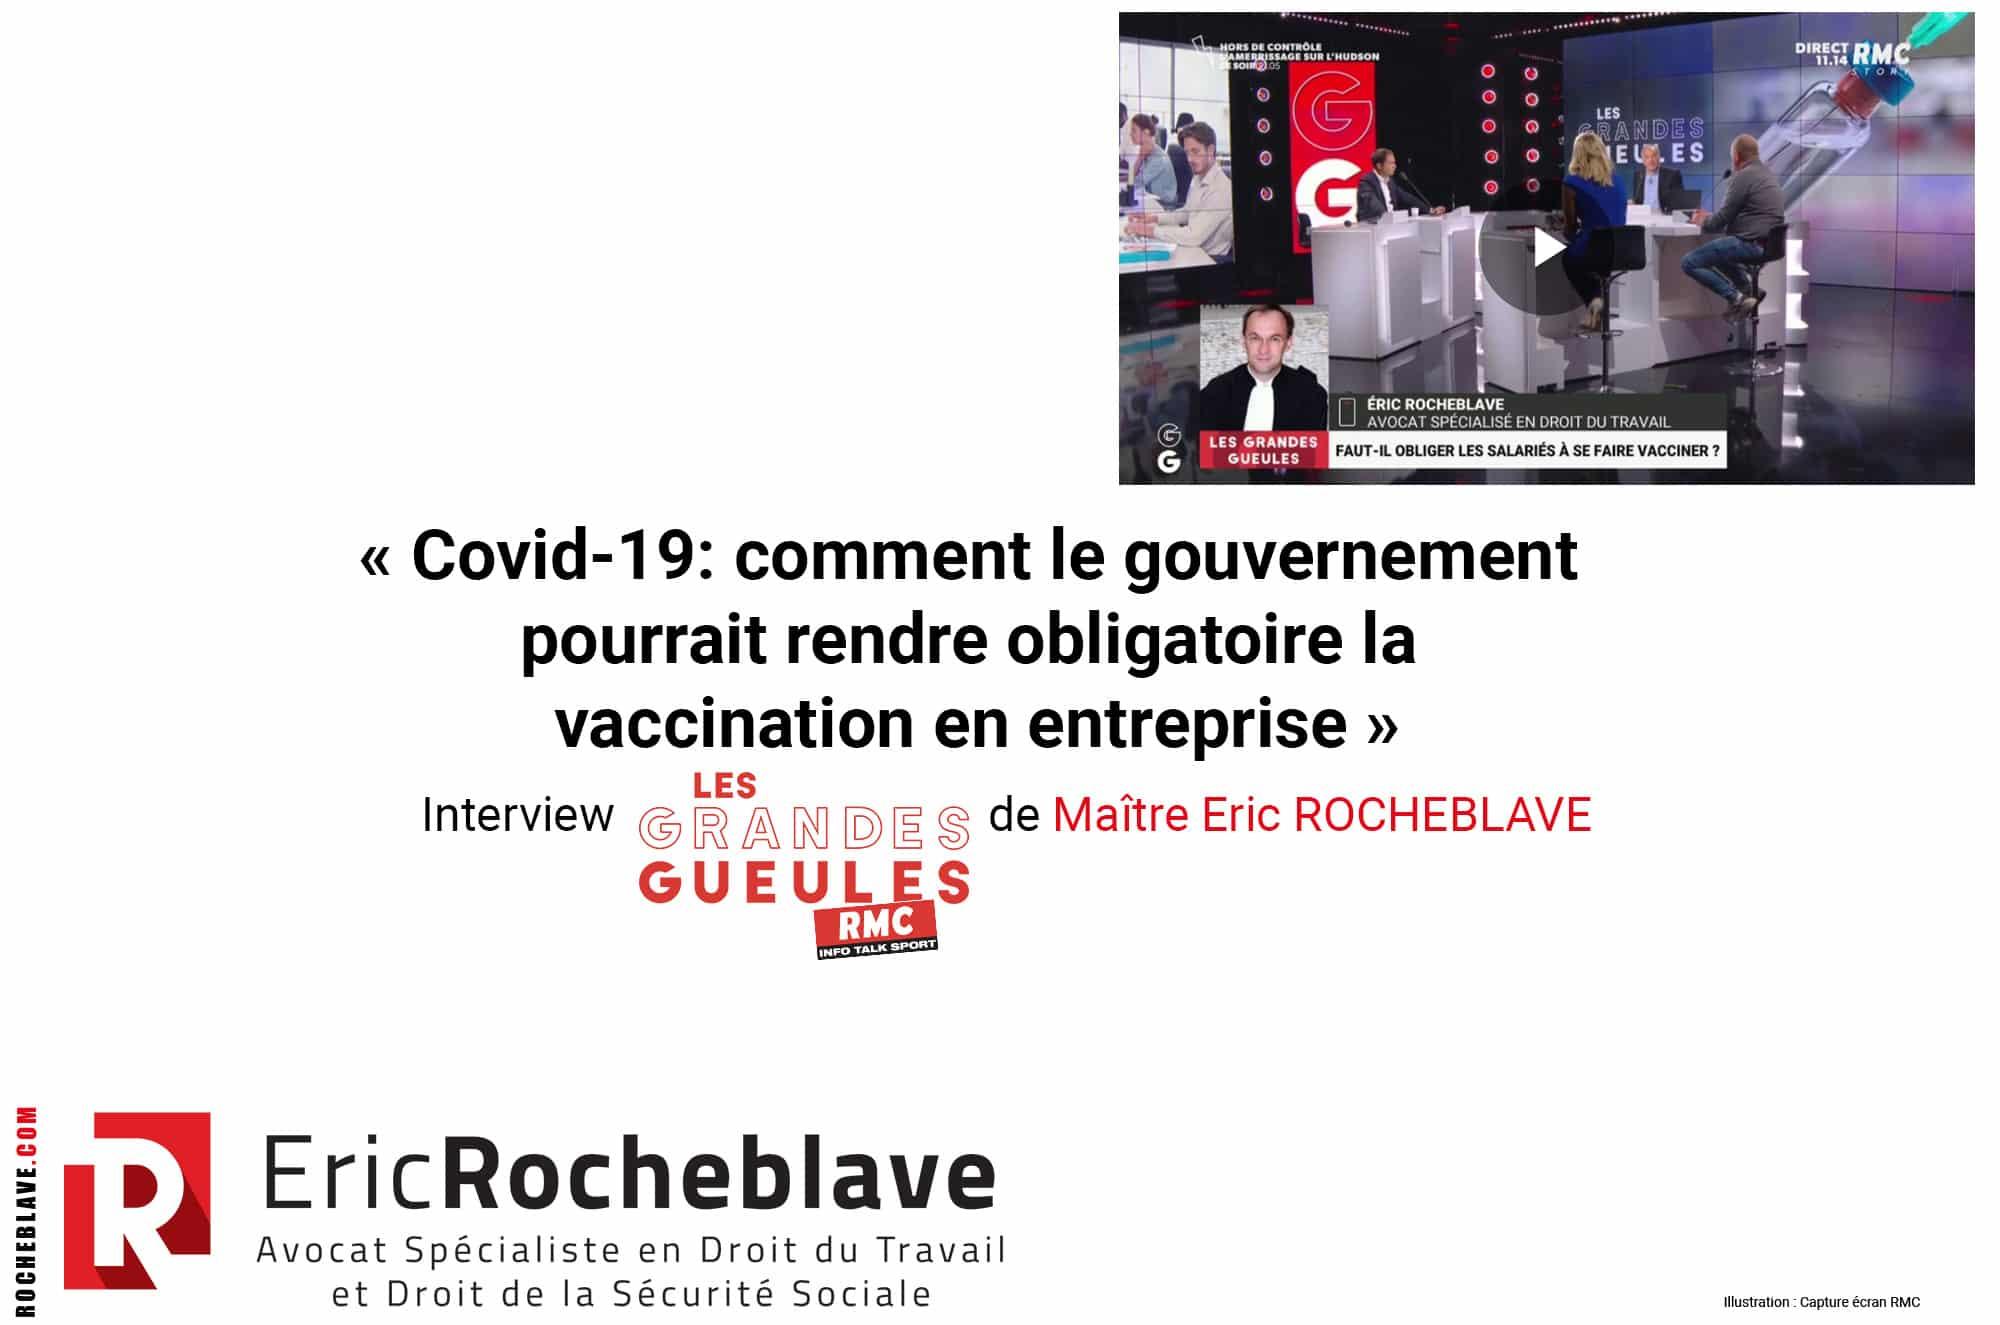 « Covid-19: comment le gouvernement pourrait rendre obligatoire la vaccination en entreprise » Interview RMC – Les Grandes Gueules de Maître Eric ROCHEBLAVE